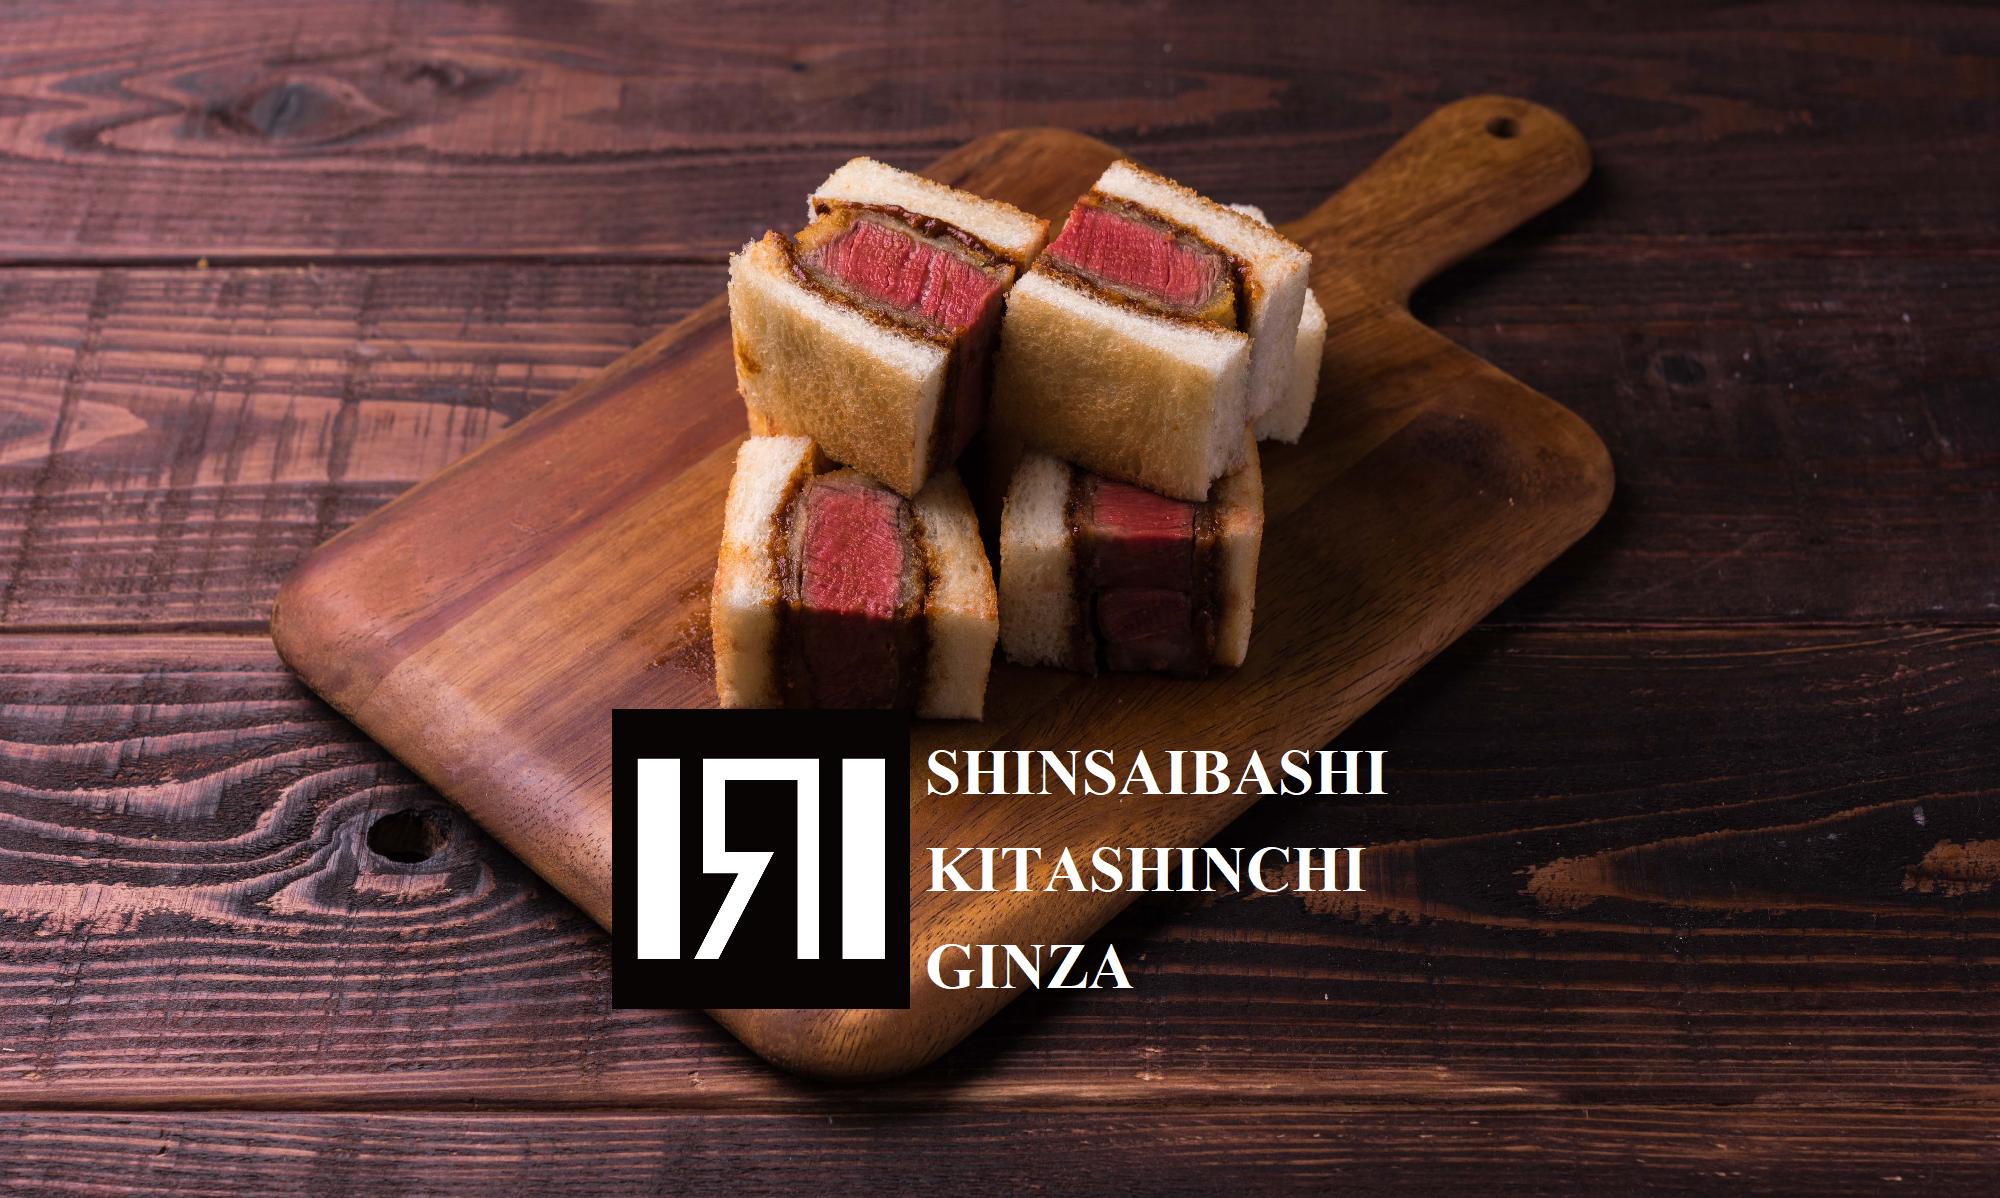 Shinsaibashi Kitashinchi Ginza